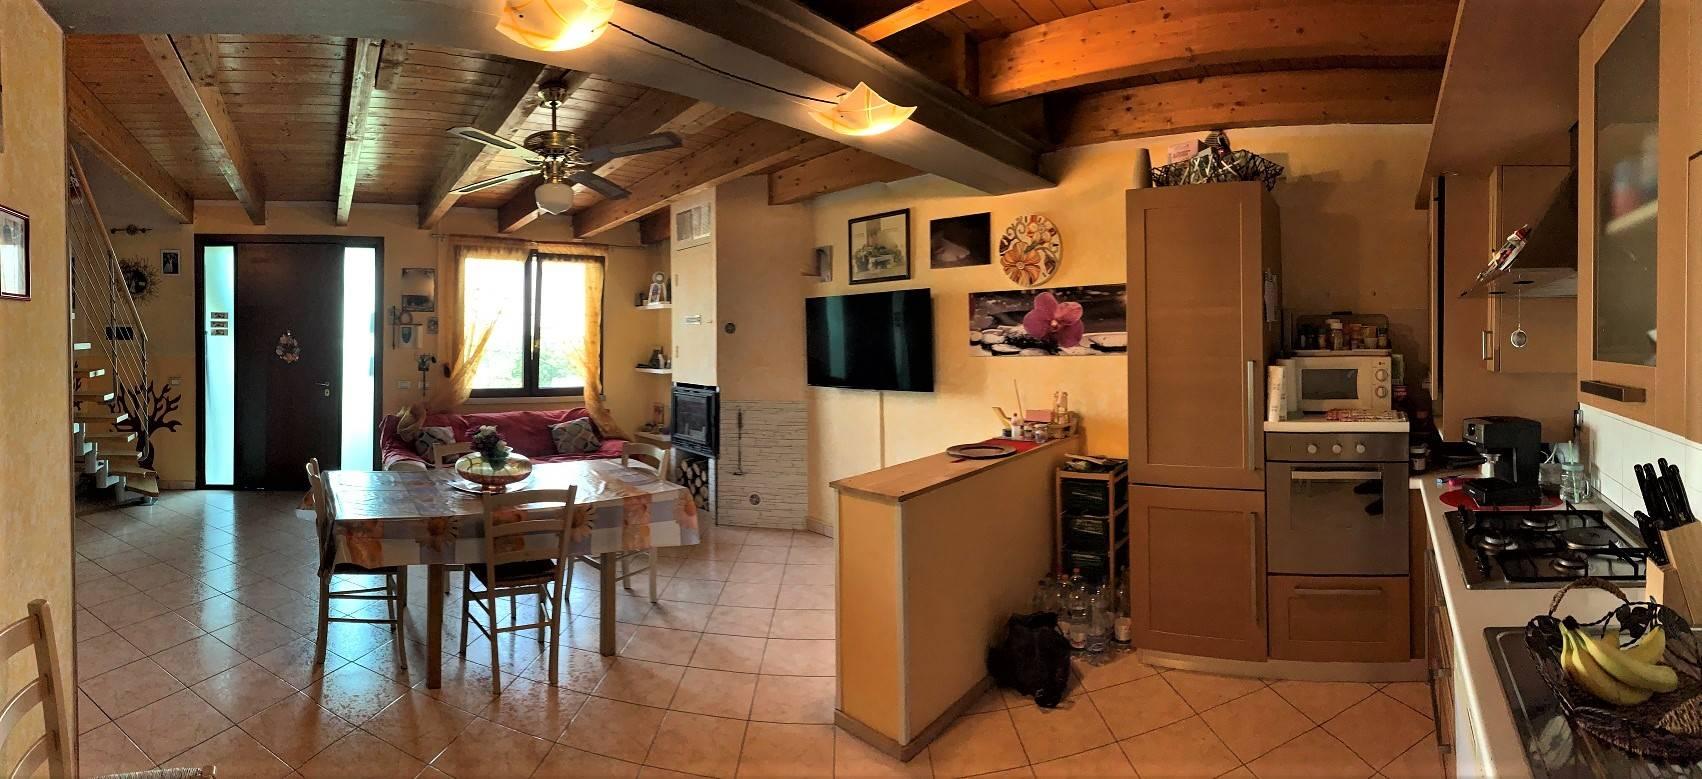 Villa in vendita a Villimpenta, 4 locali, prezzo € 98.000 | CambioCasa.it